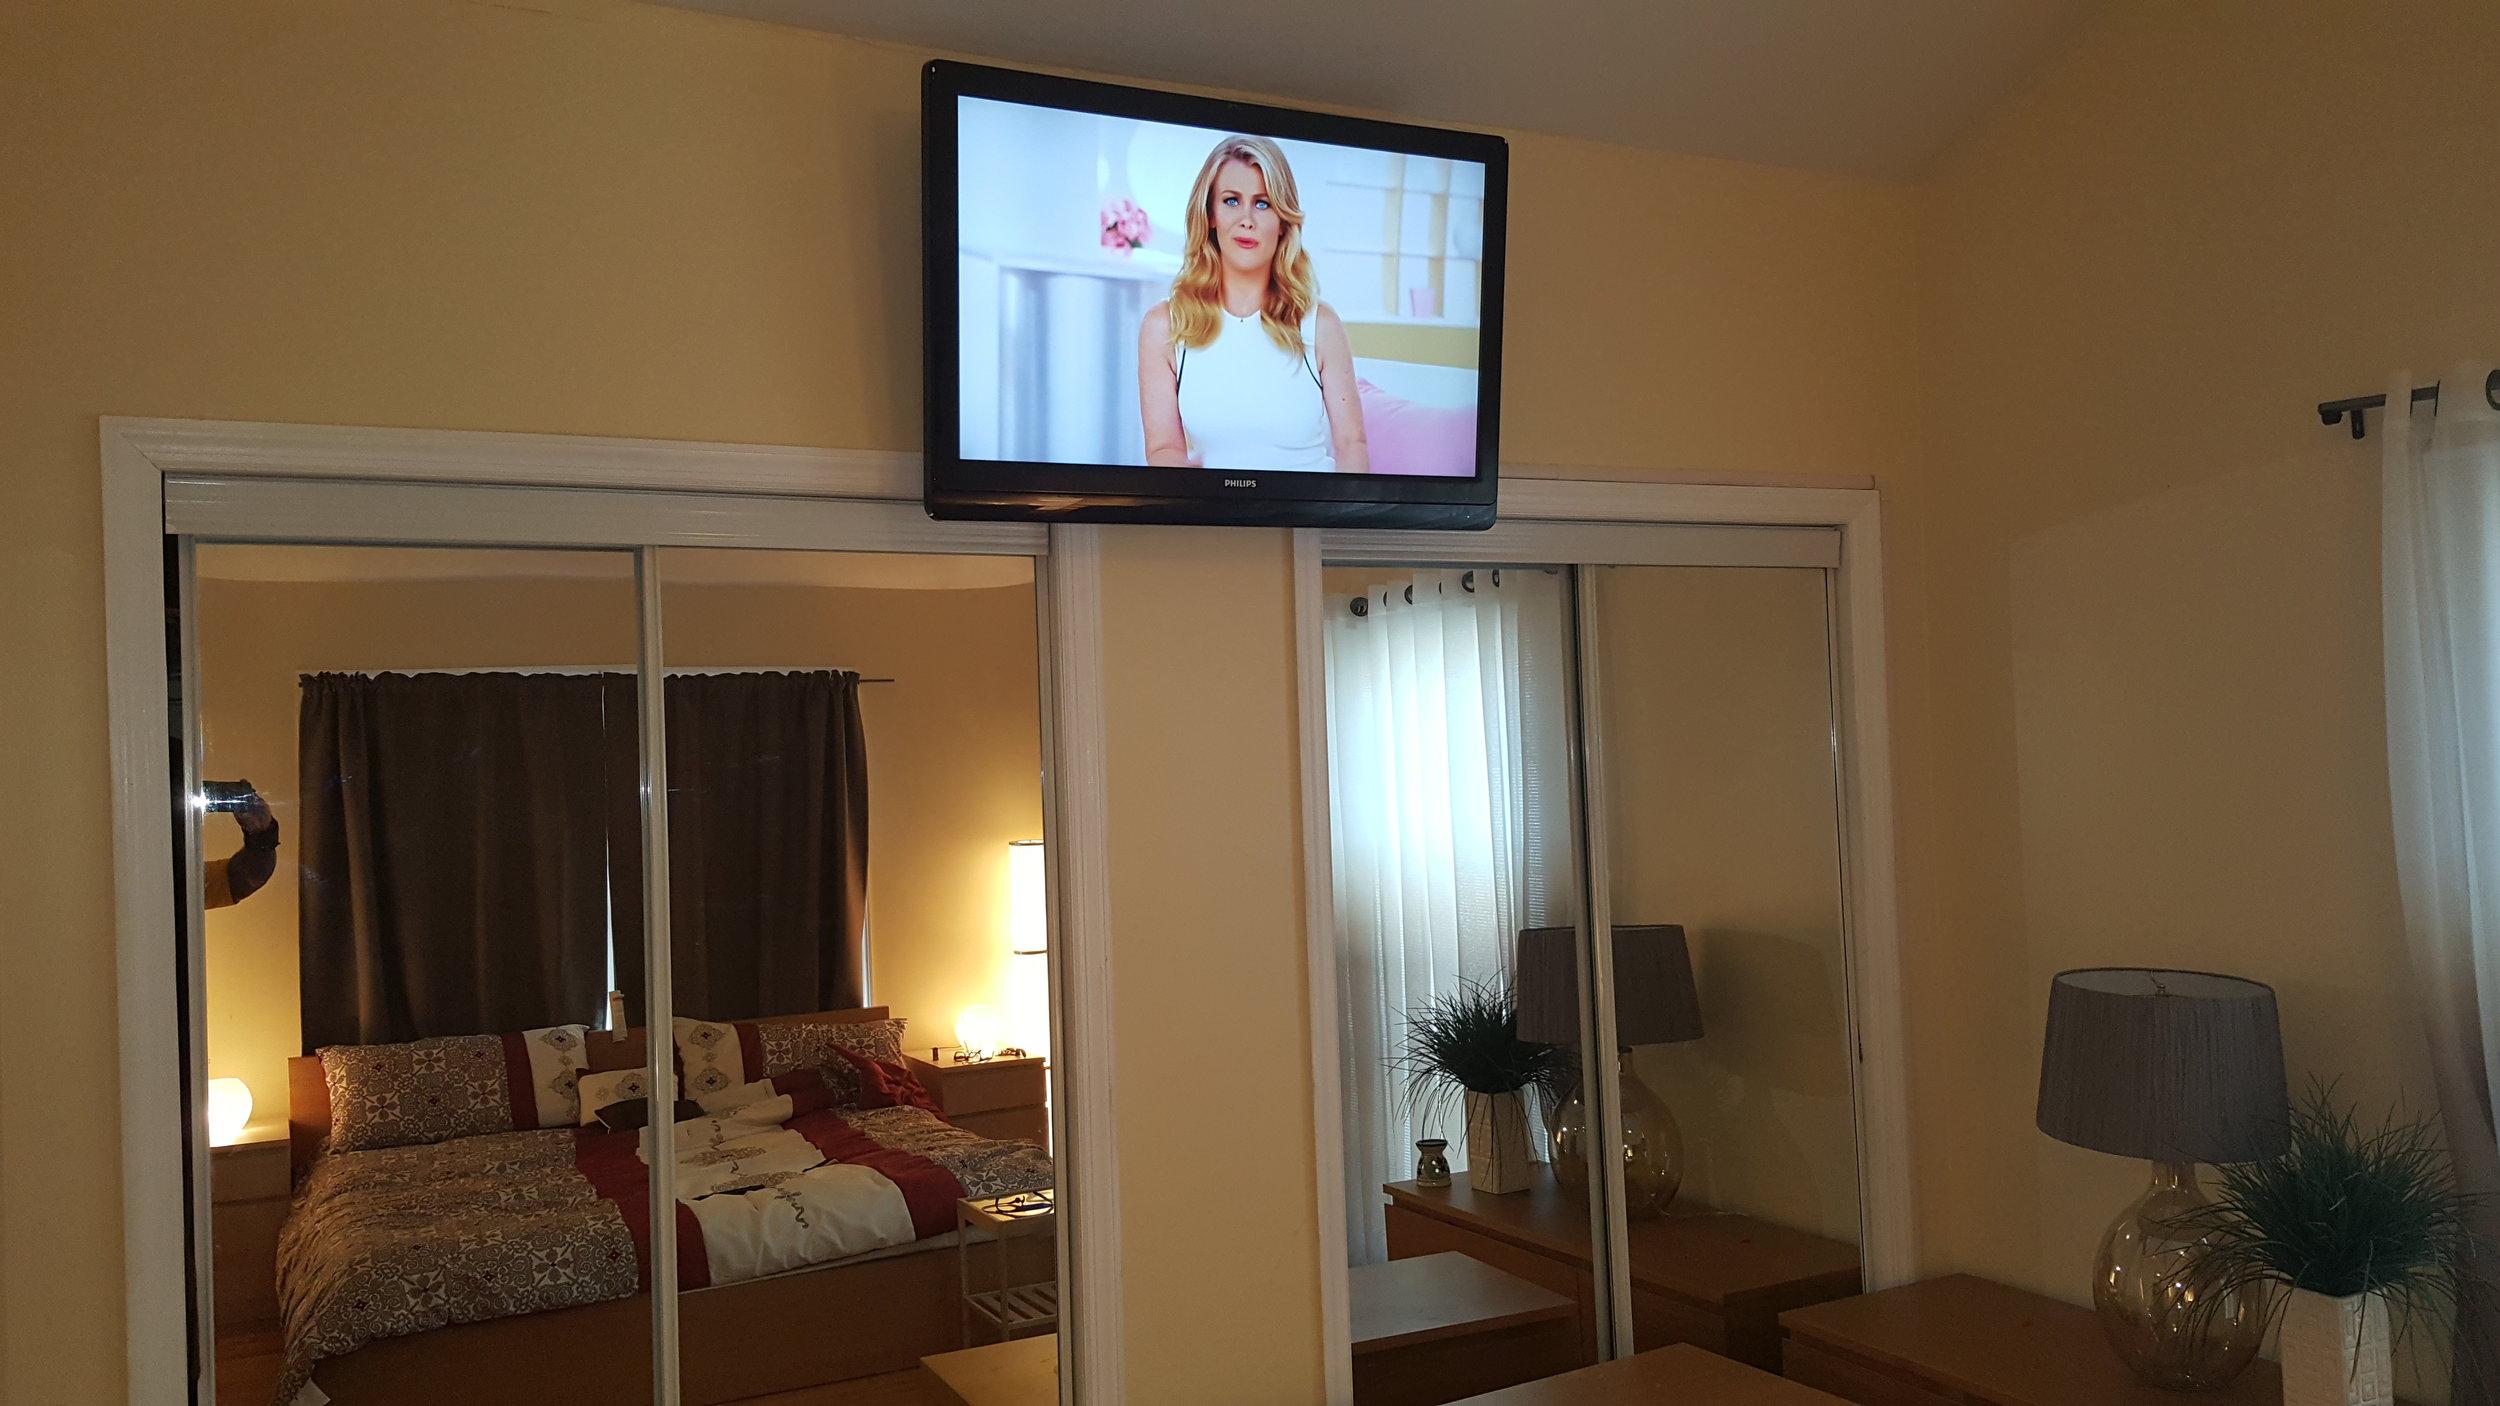 Tv Install 29.jpg